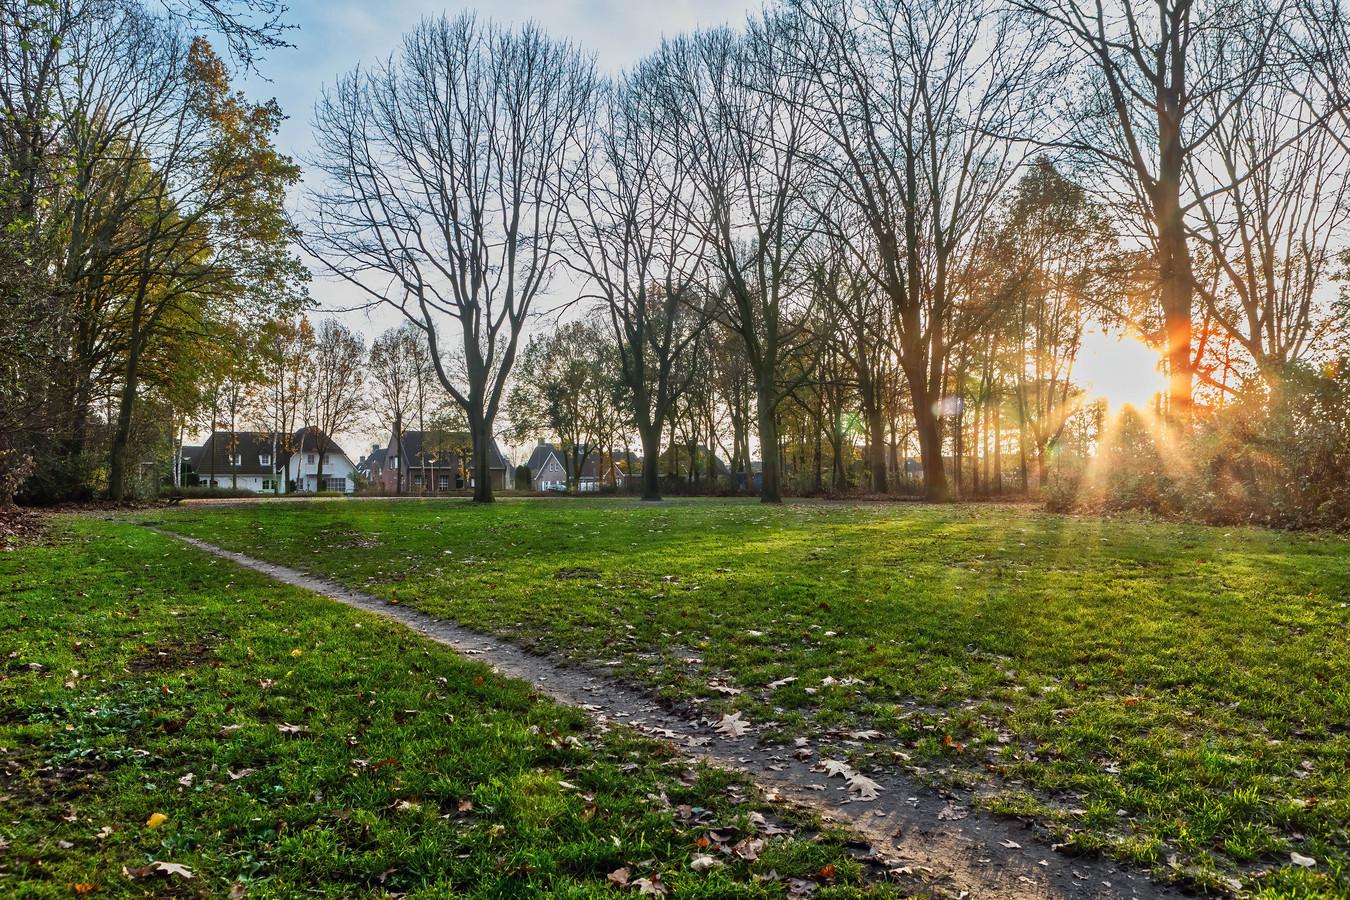 Op dit veldje in de oksel van het Ruiterpad en het Spoorpad in Baarle-Nassau zou een ontmoetingsplek voor honden moeten komen.